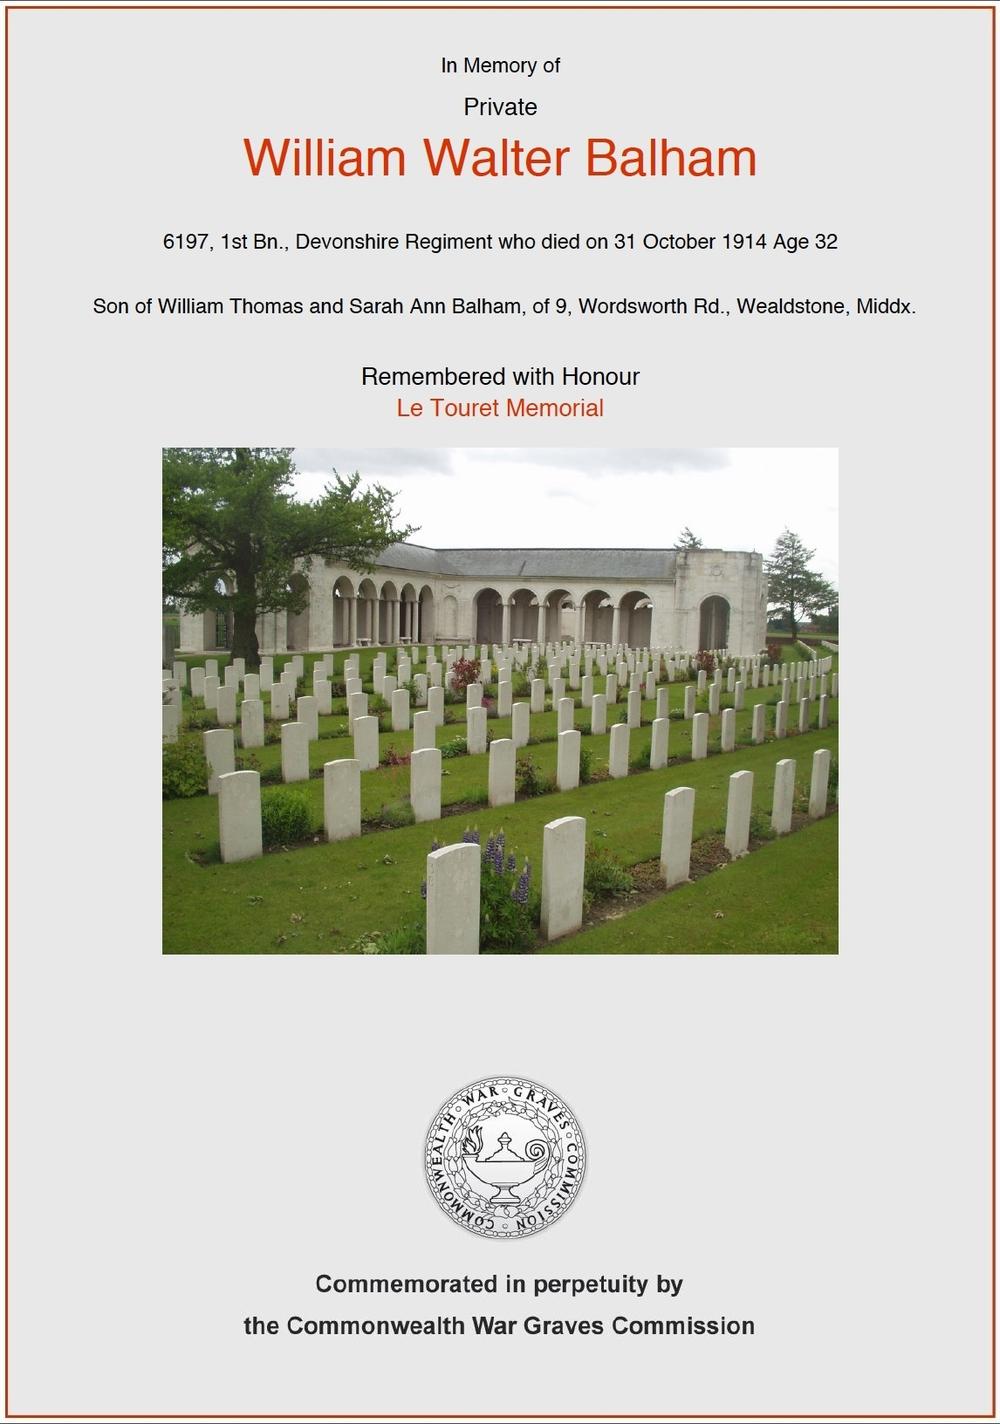 Private Balham's commemorative certificate.